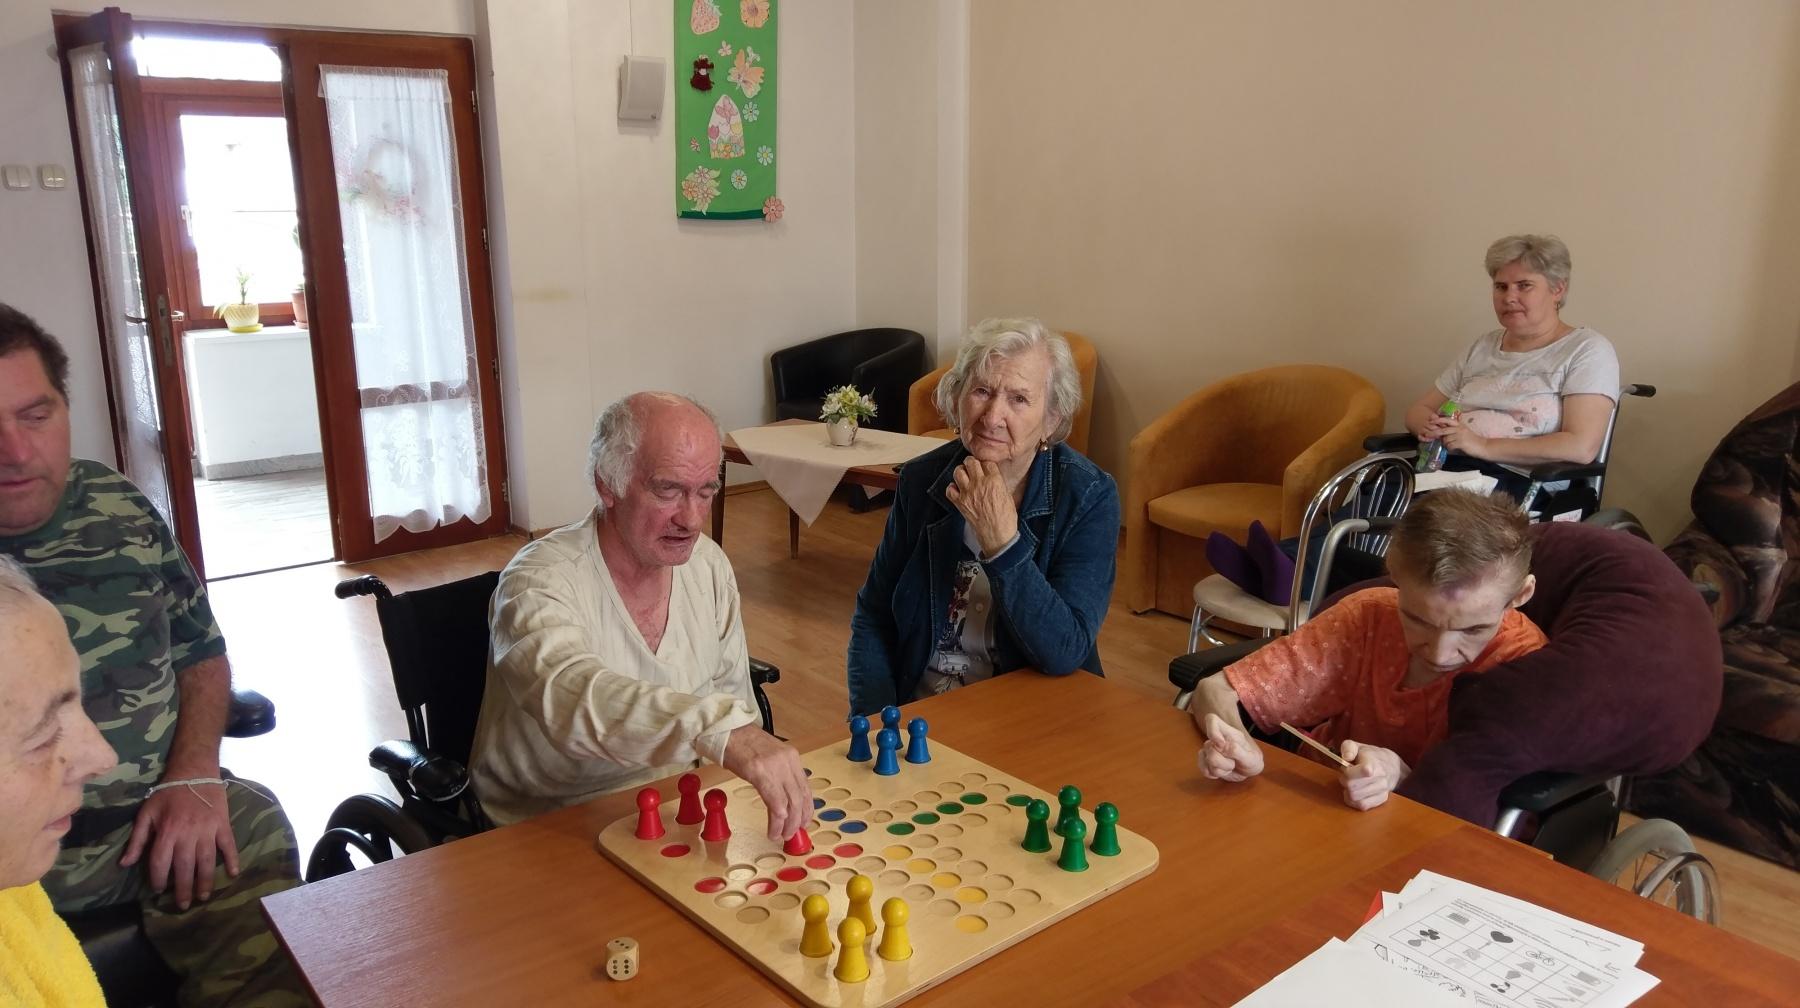 V-Dome-pokojnej-staroby-vo-Veľkom-Šariši-sú-seniori-aktívni-9